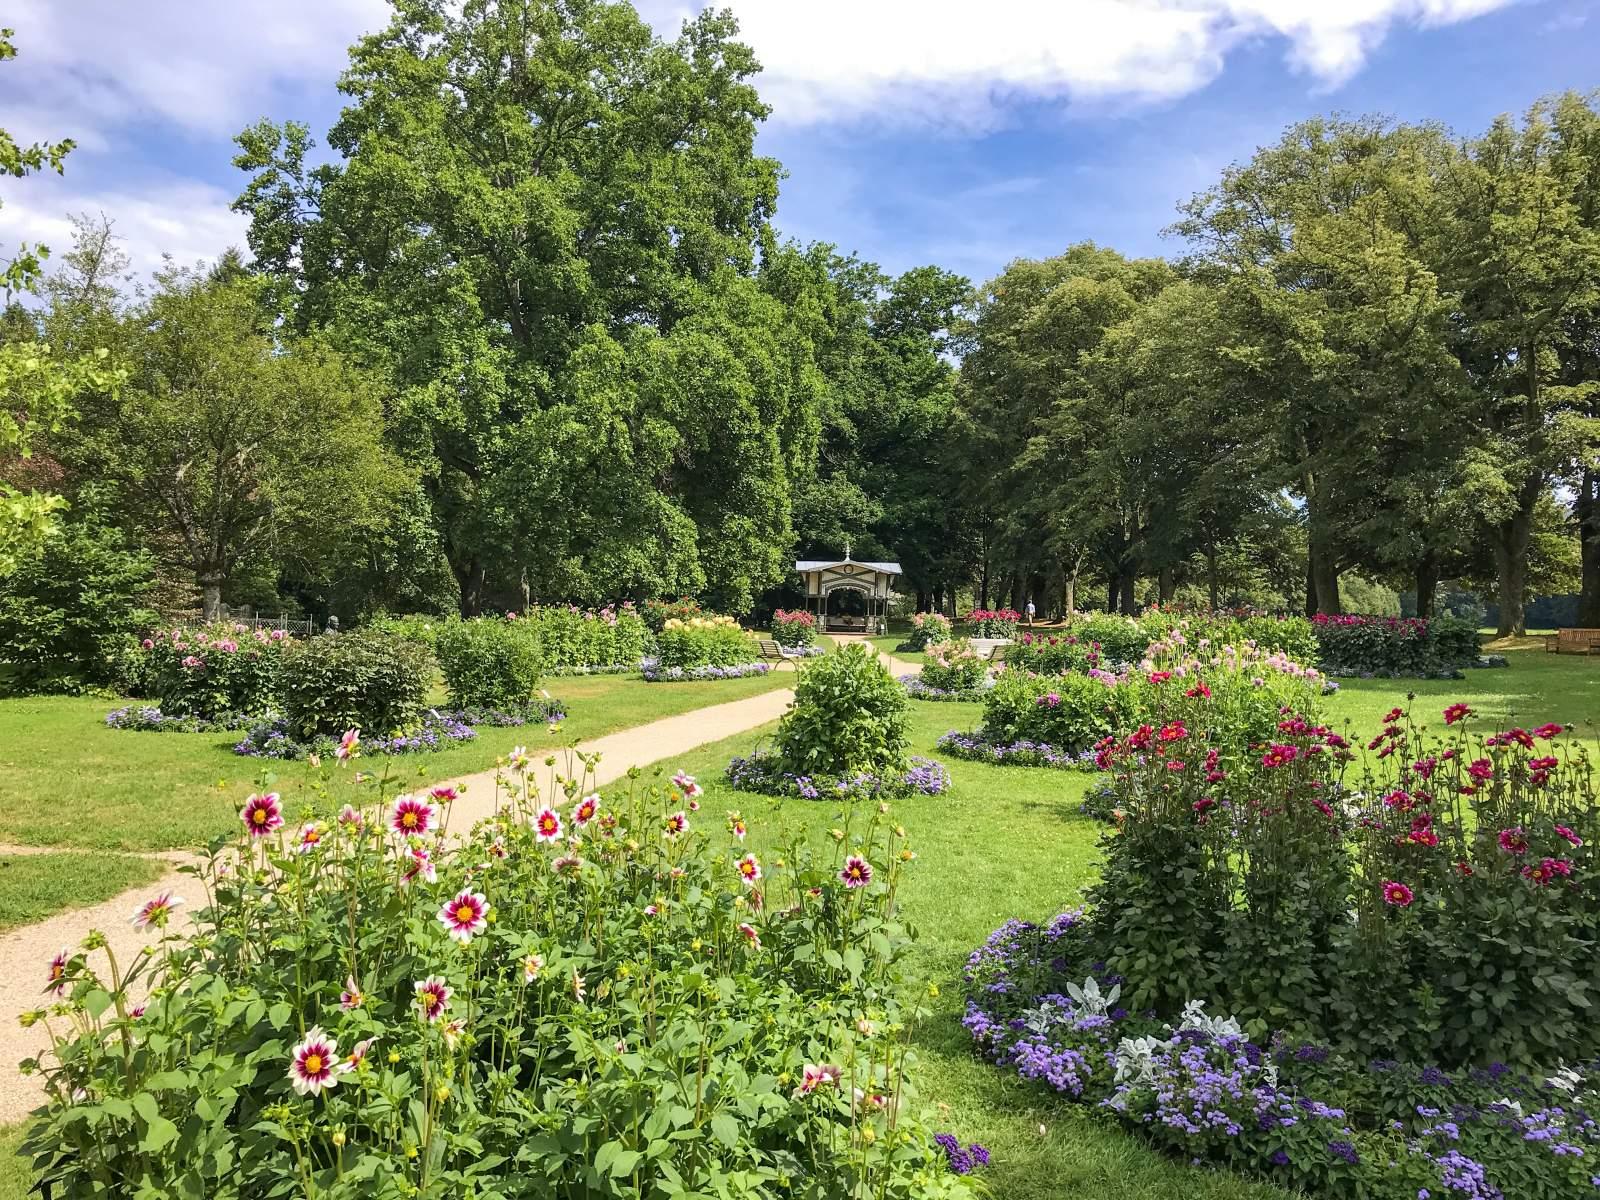 Dahlienblüte im Dahliengarten an der Klosterwiese der Lichtentaler Allee in Baden-Baden 2019.